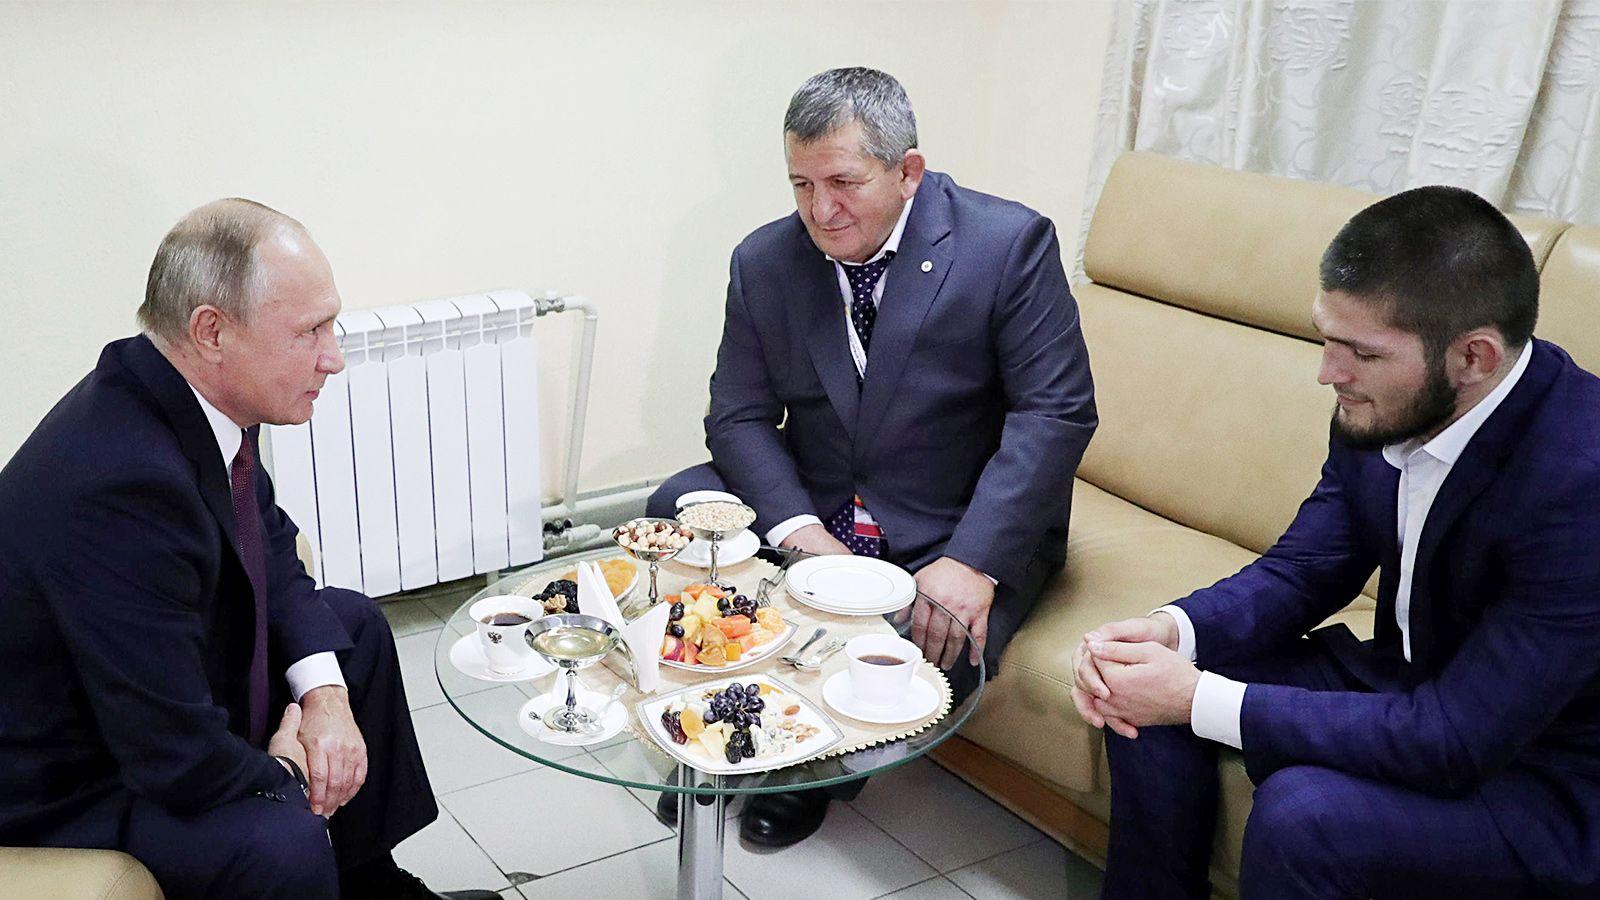 Путин вдвое опередил Нурмагомедова поупоминаниям всоцсети «ВКонтакте»